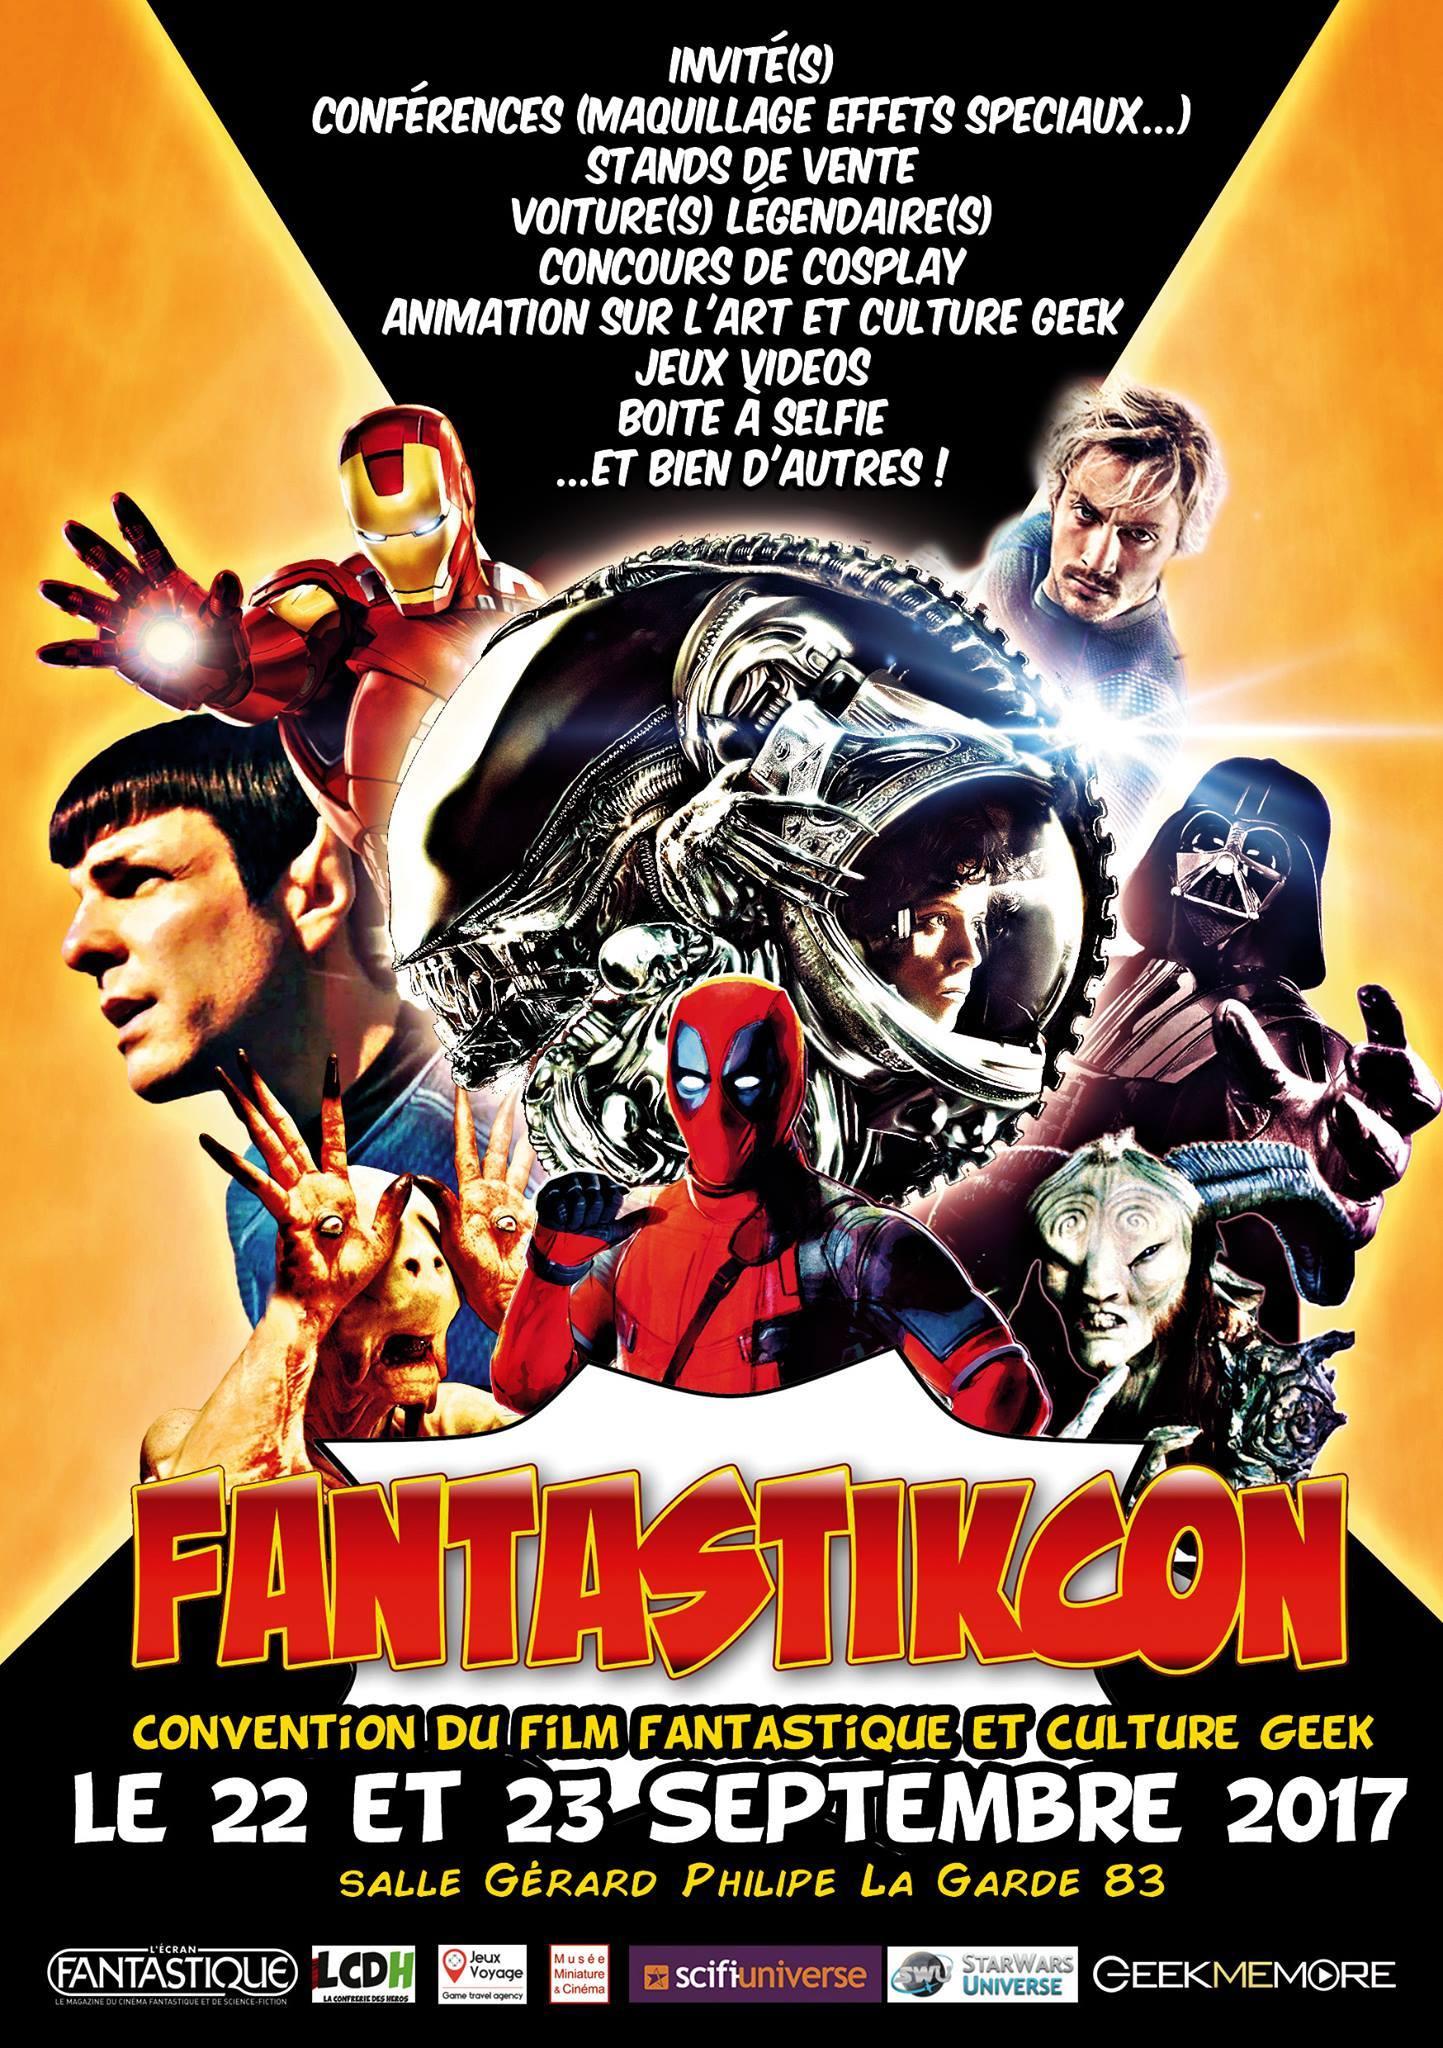 FantastikCON #1